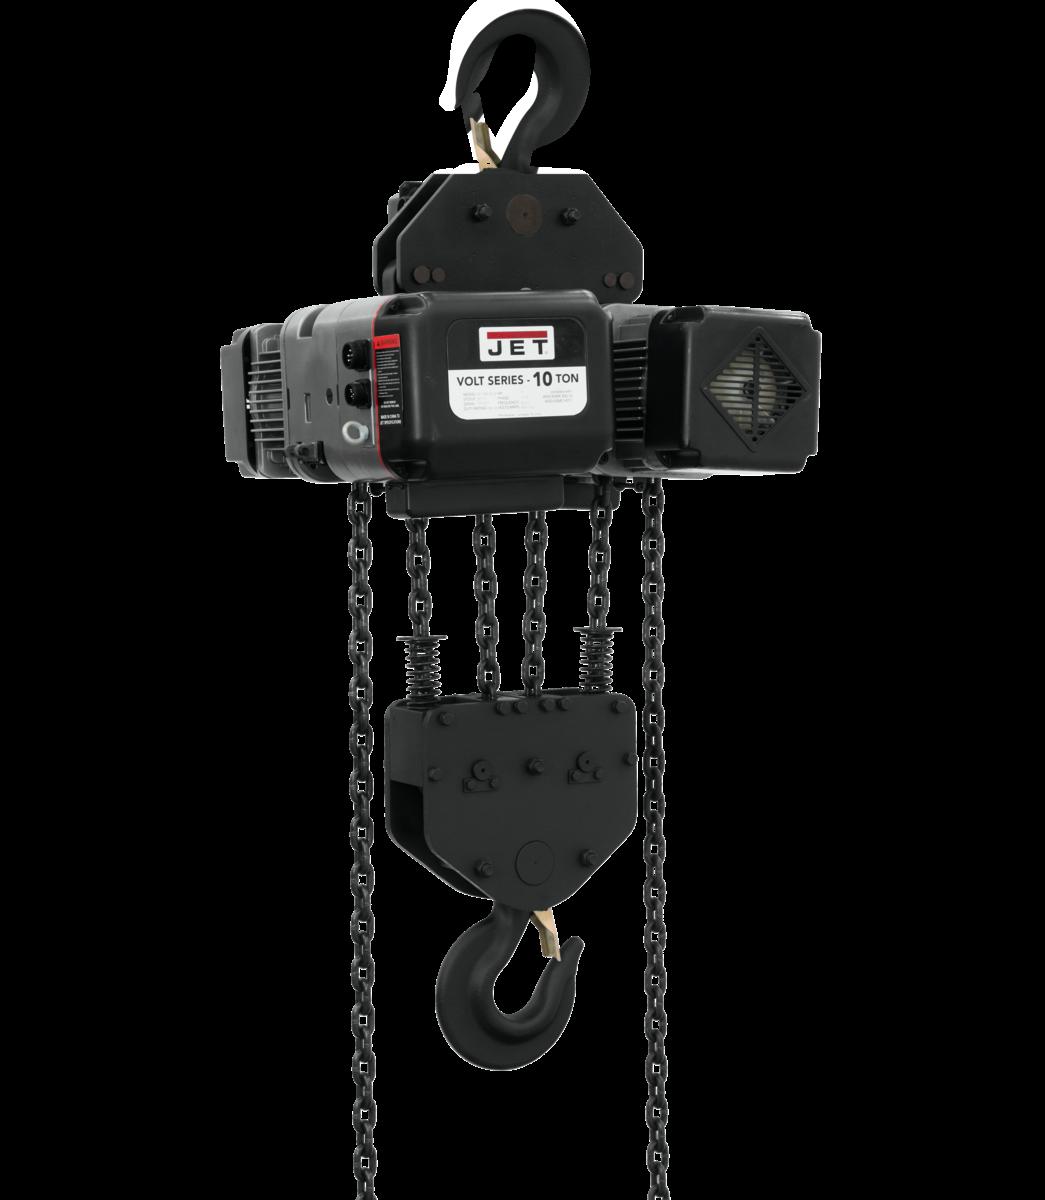 VOLT 10T VARIABLE-SPEED ELECTRIC HOIST  3PH 230V 30' LIFT